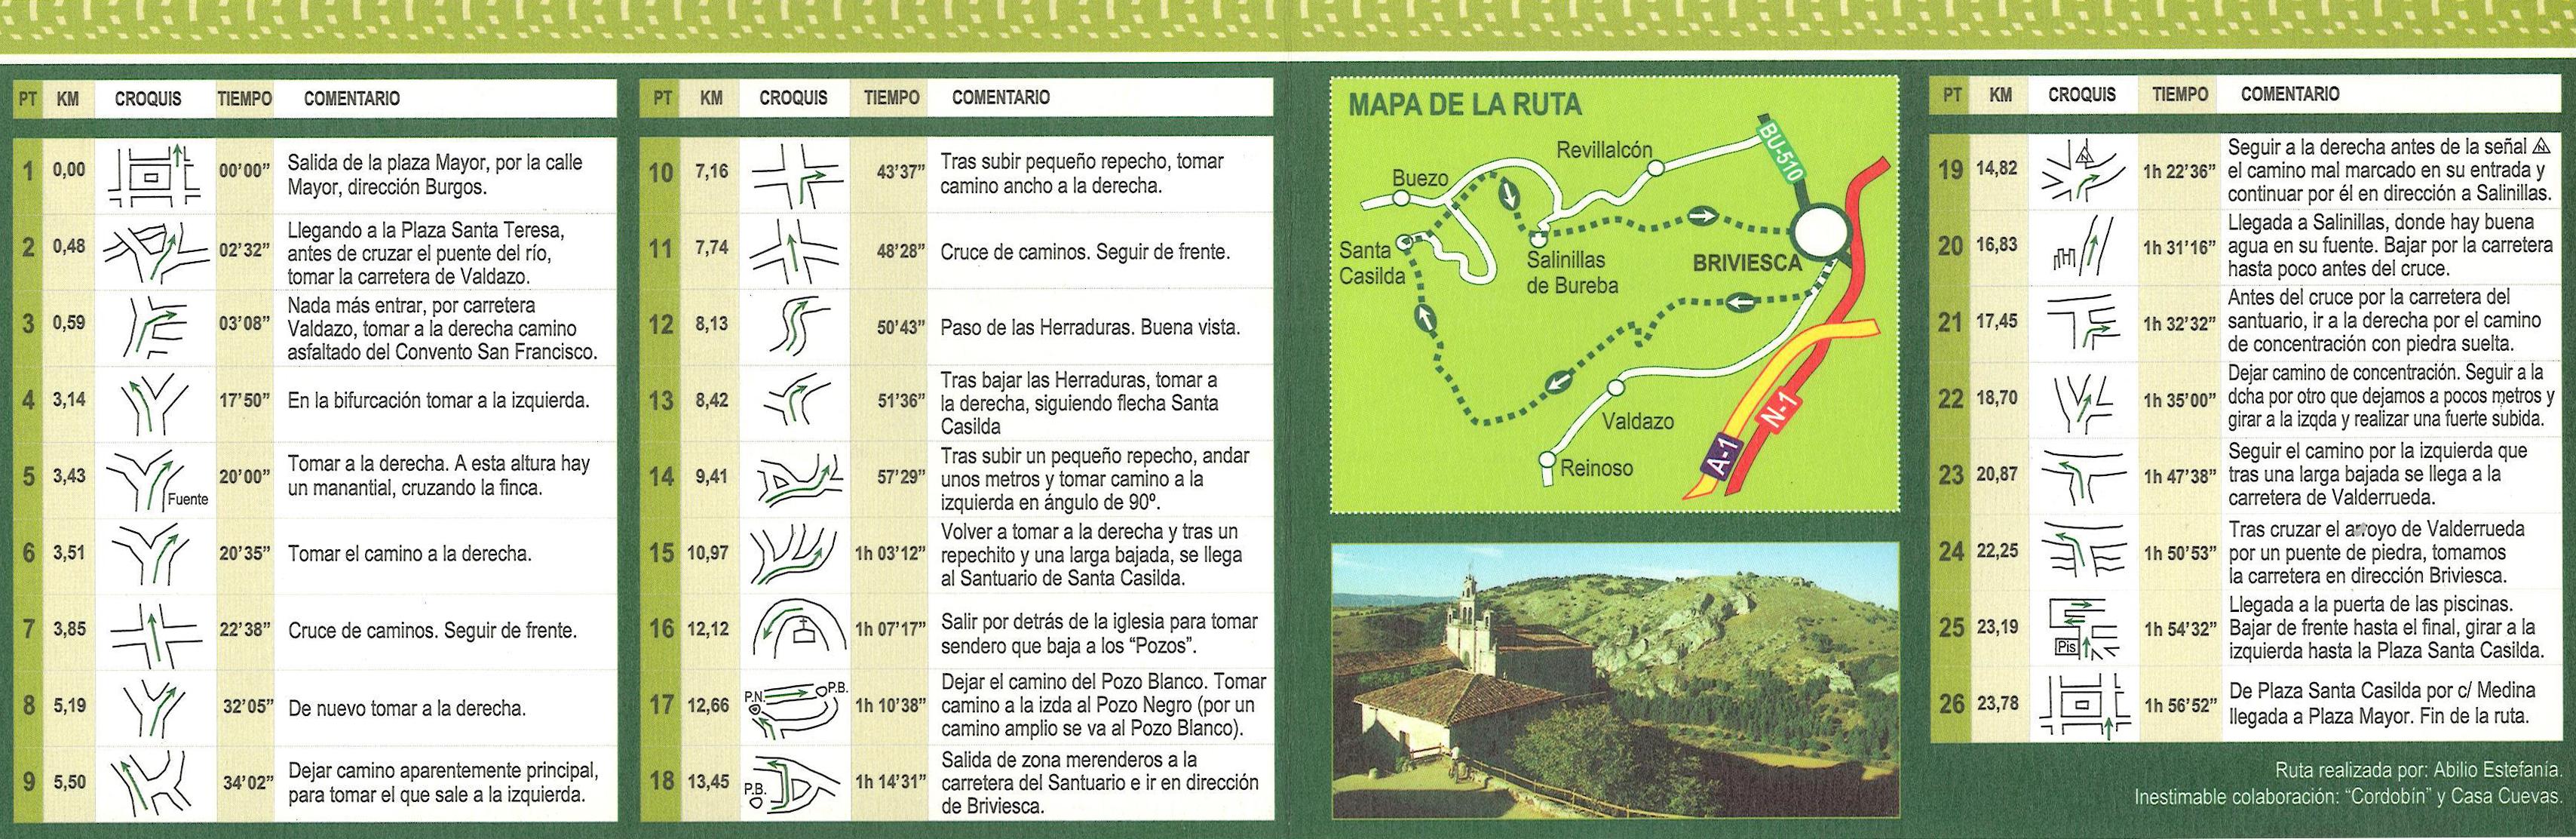 mapa-i